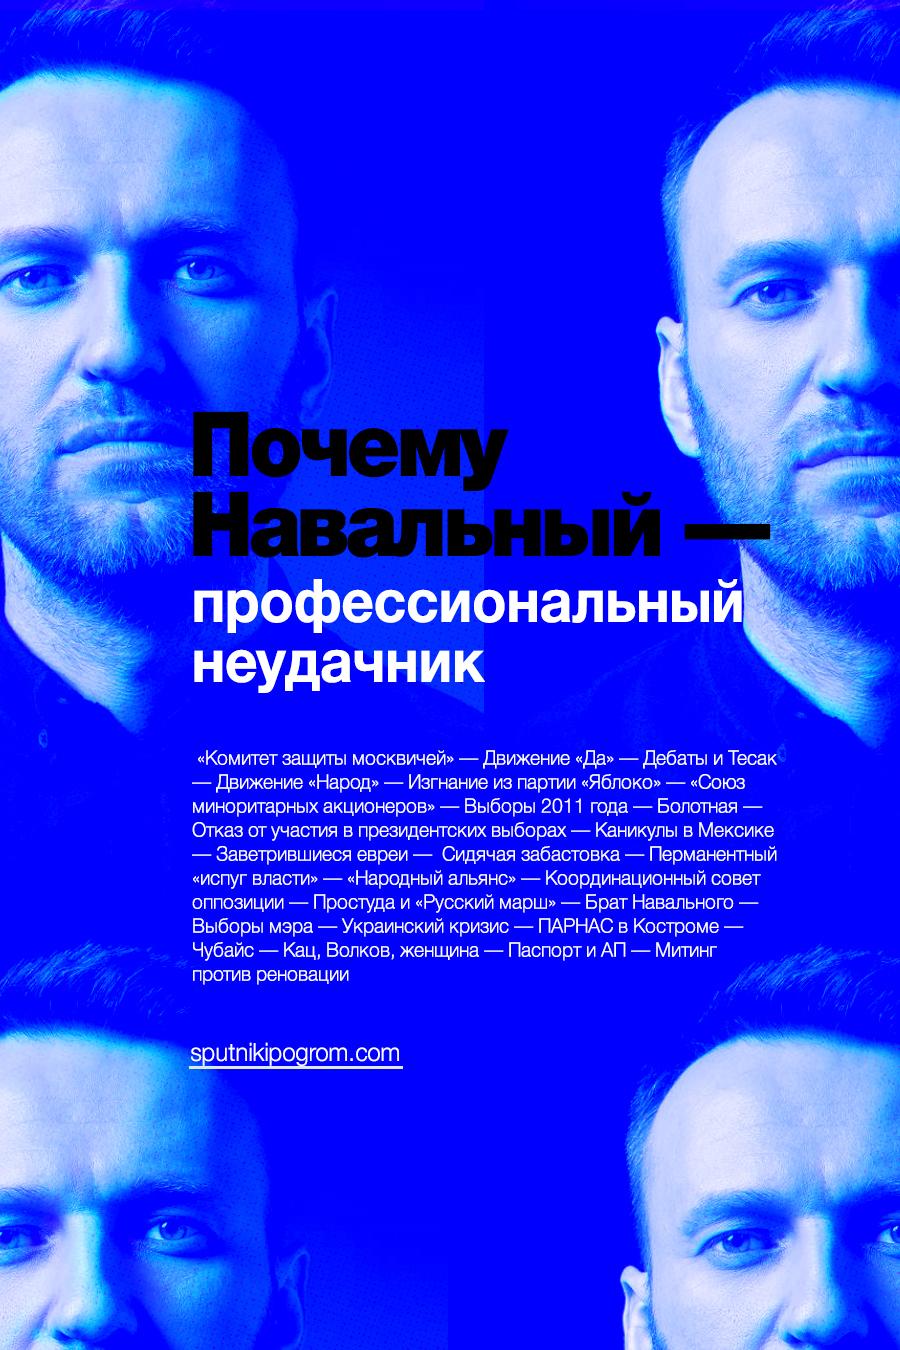 Поддерживать А.Навального на выборах 2018г., это всё равно, что поддерживать Зюганова в 1996г.. Даже если он на выборах и победит, как Гена, занять пост преза чекисты ему не дадут, а повести народ на баррикады он не сможет – собздит.